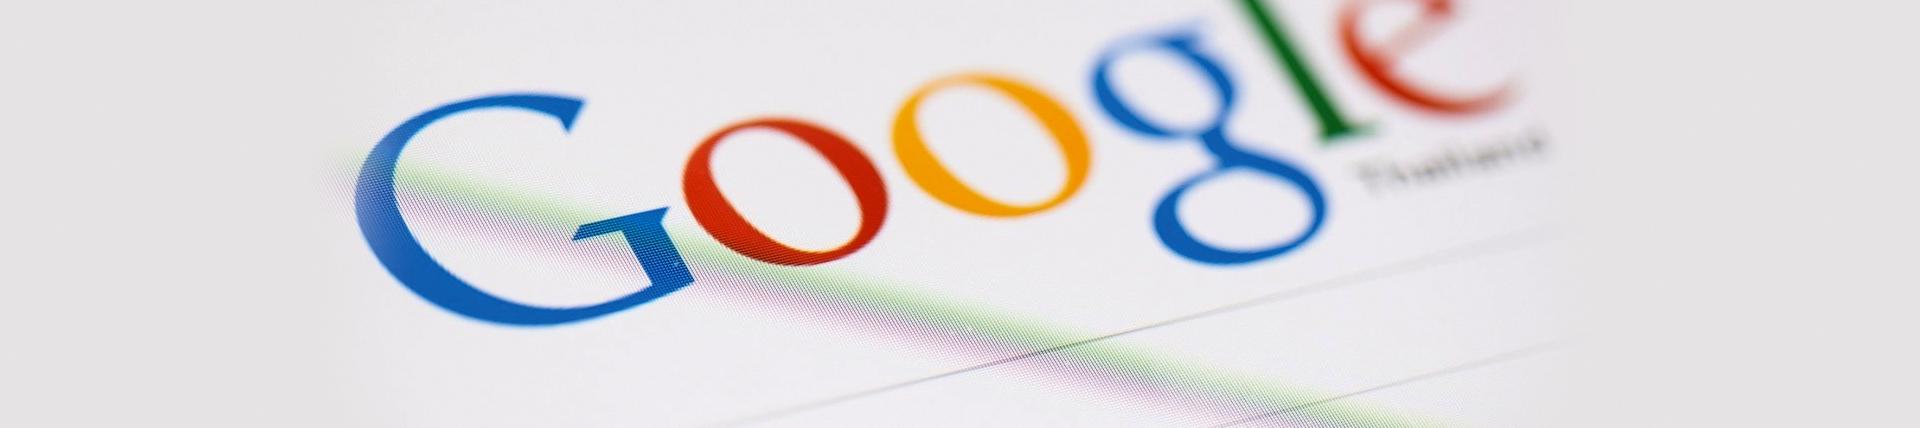 """两天近20万注册量,中国人带火了谷歌的"""".app""""域名?"""